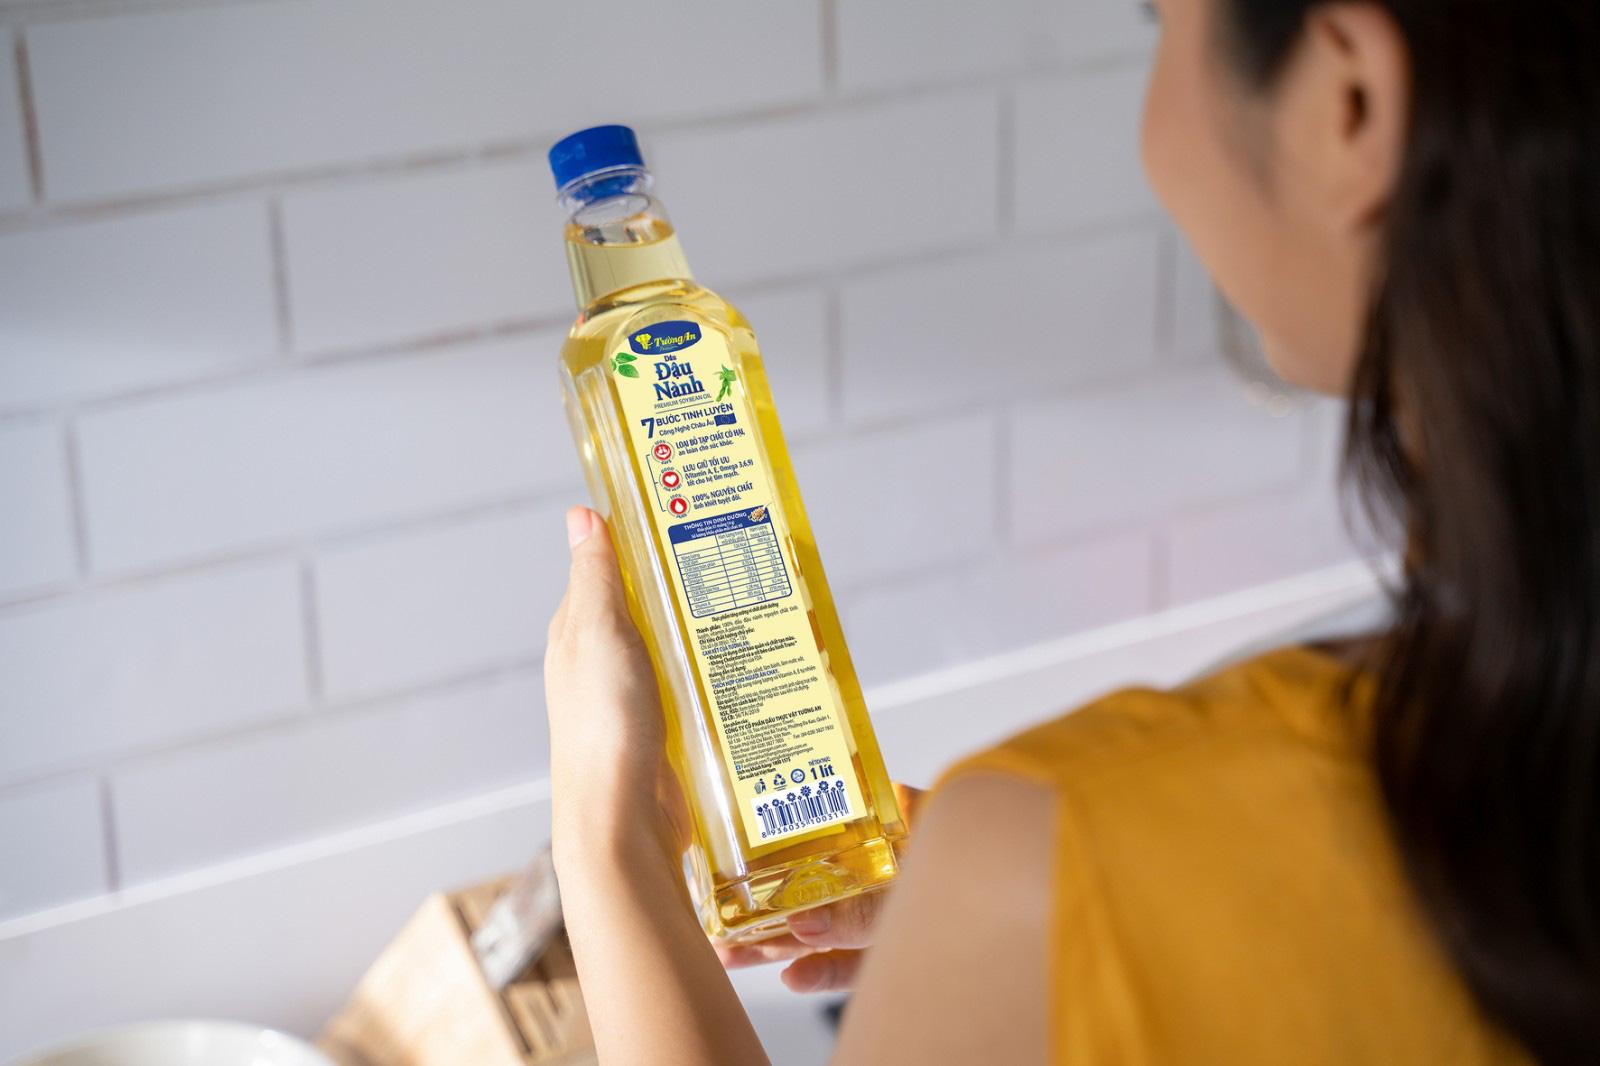 Thời đại công nghệ - Chọn dầu ăn cũng cần lấy công nghệ làm đầu để bảo đảm sức khỏe gia đình - Ảnh 3.